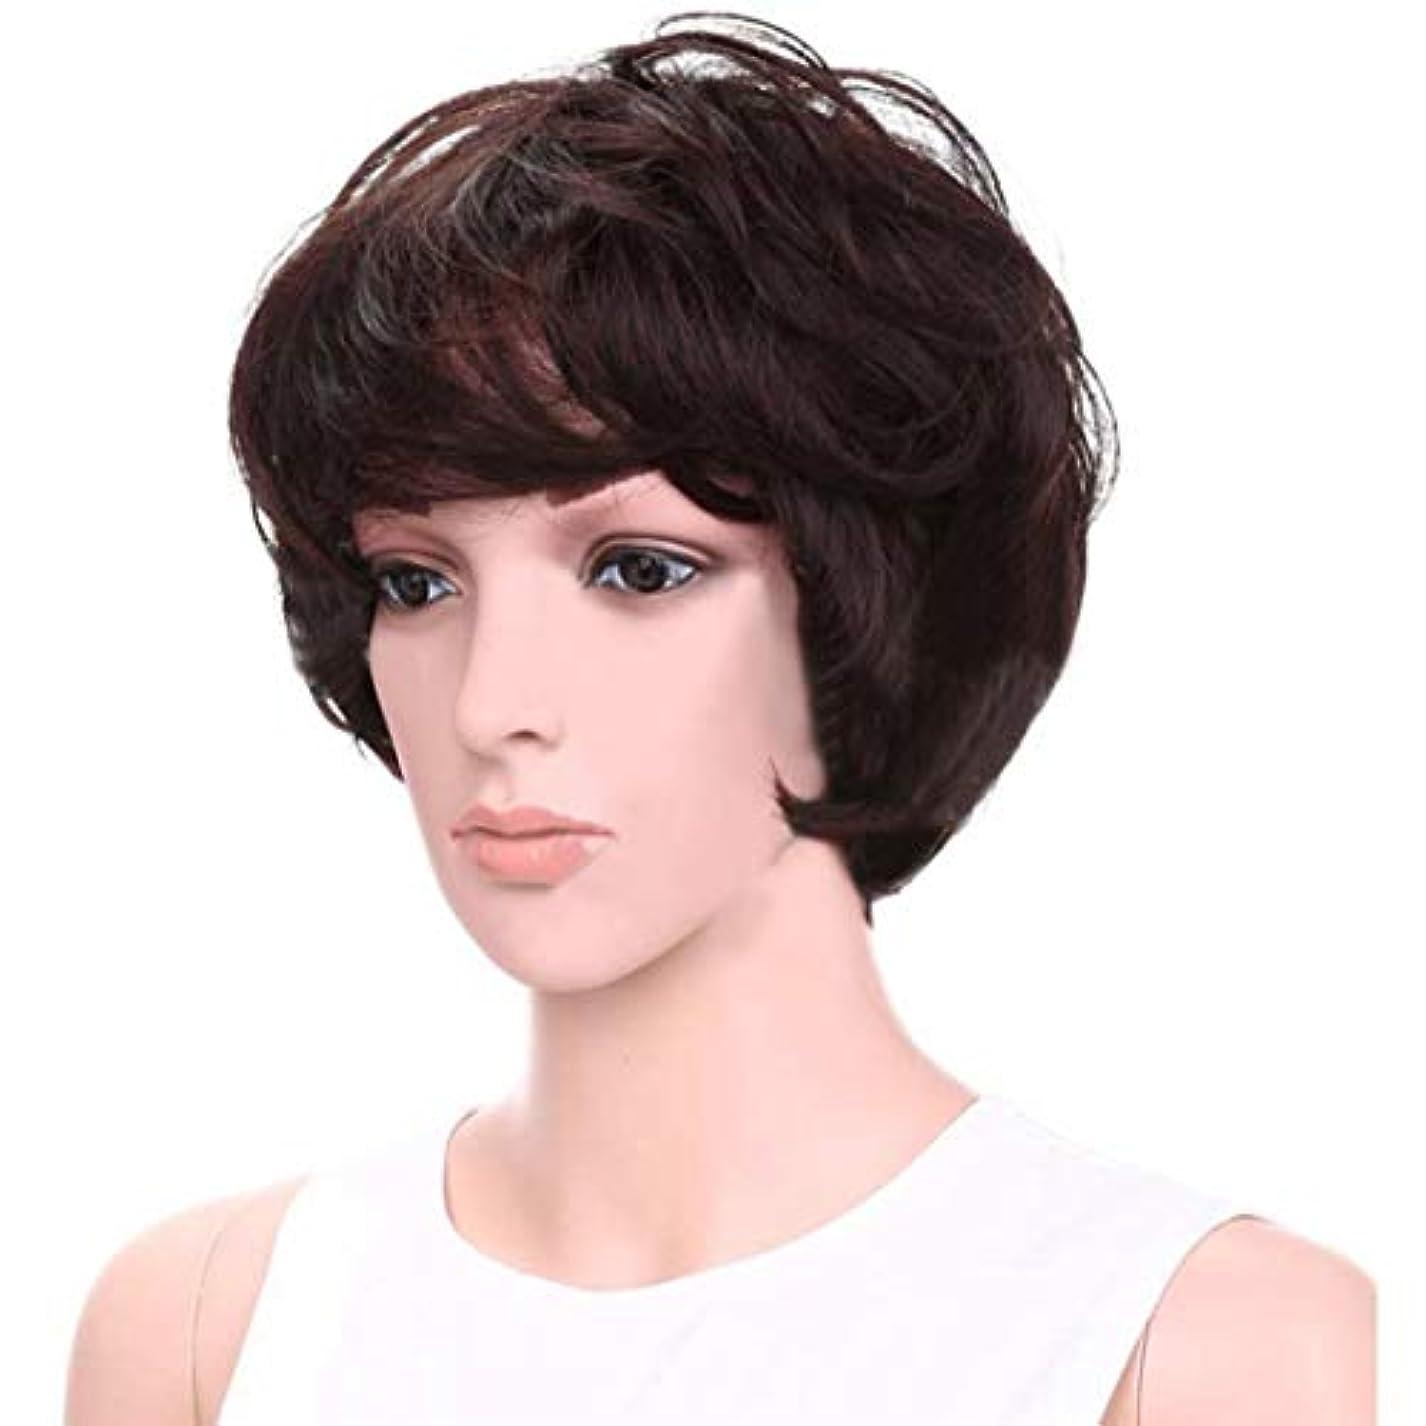 かもしれない助言するチャーミングYOUQIU エア?フラッツ前髪髪の耐熱ウィッグでパーソナリティかつら女性のショートヘアウィッグふわふわ8インチ(ダークブラウン)かつら (色 : Dark brown)